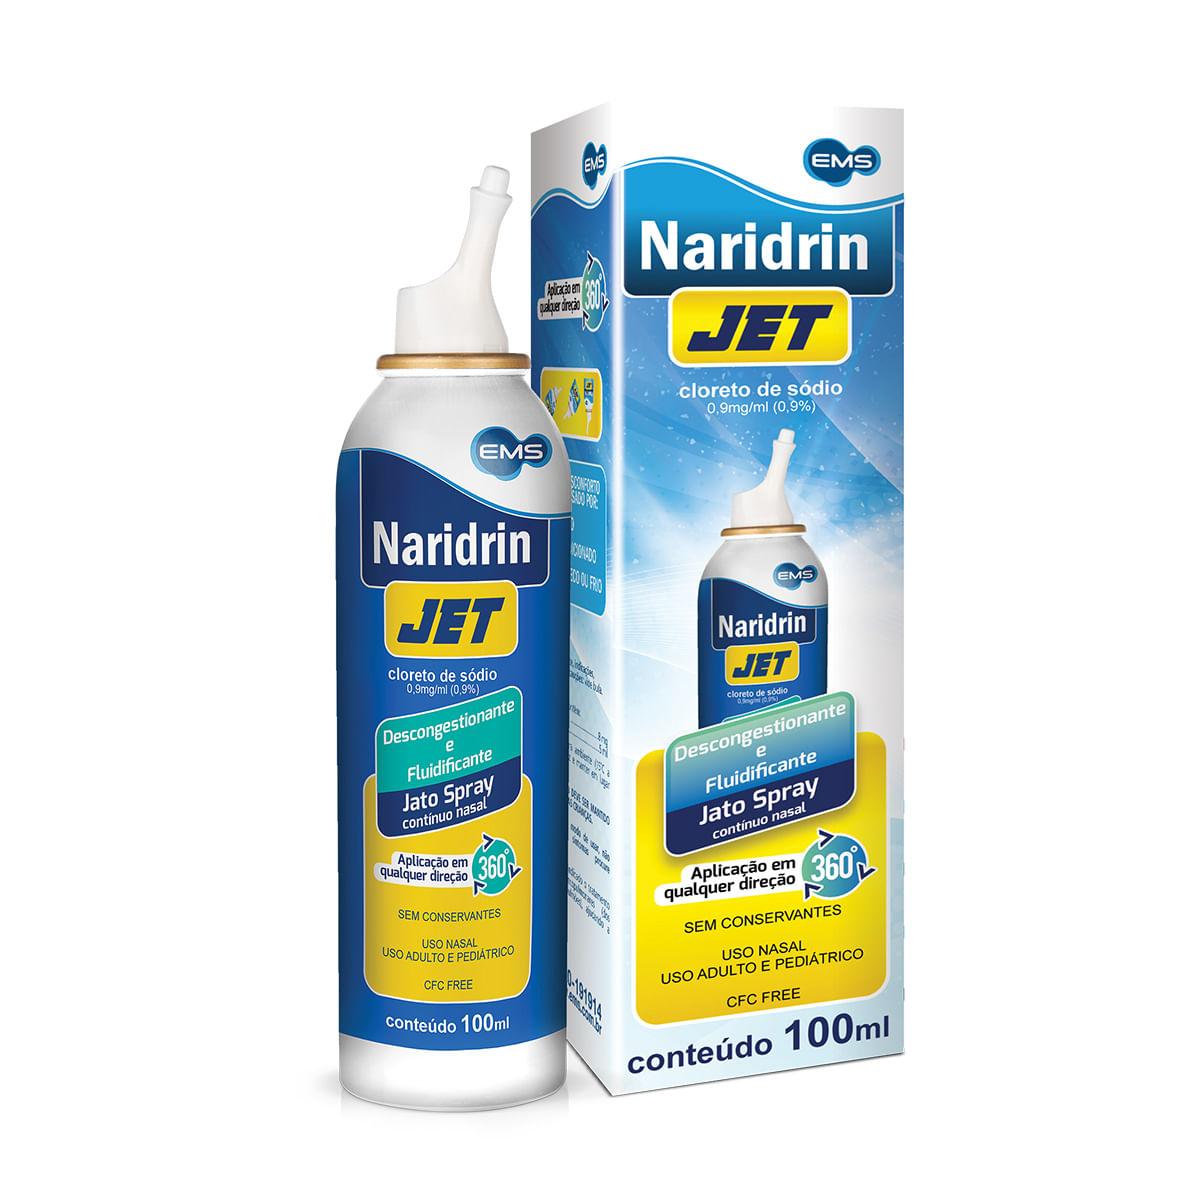 contraindicações do naridrin